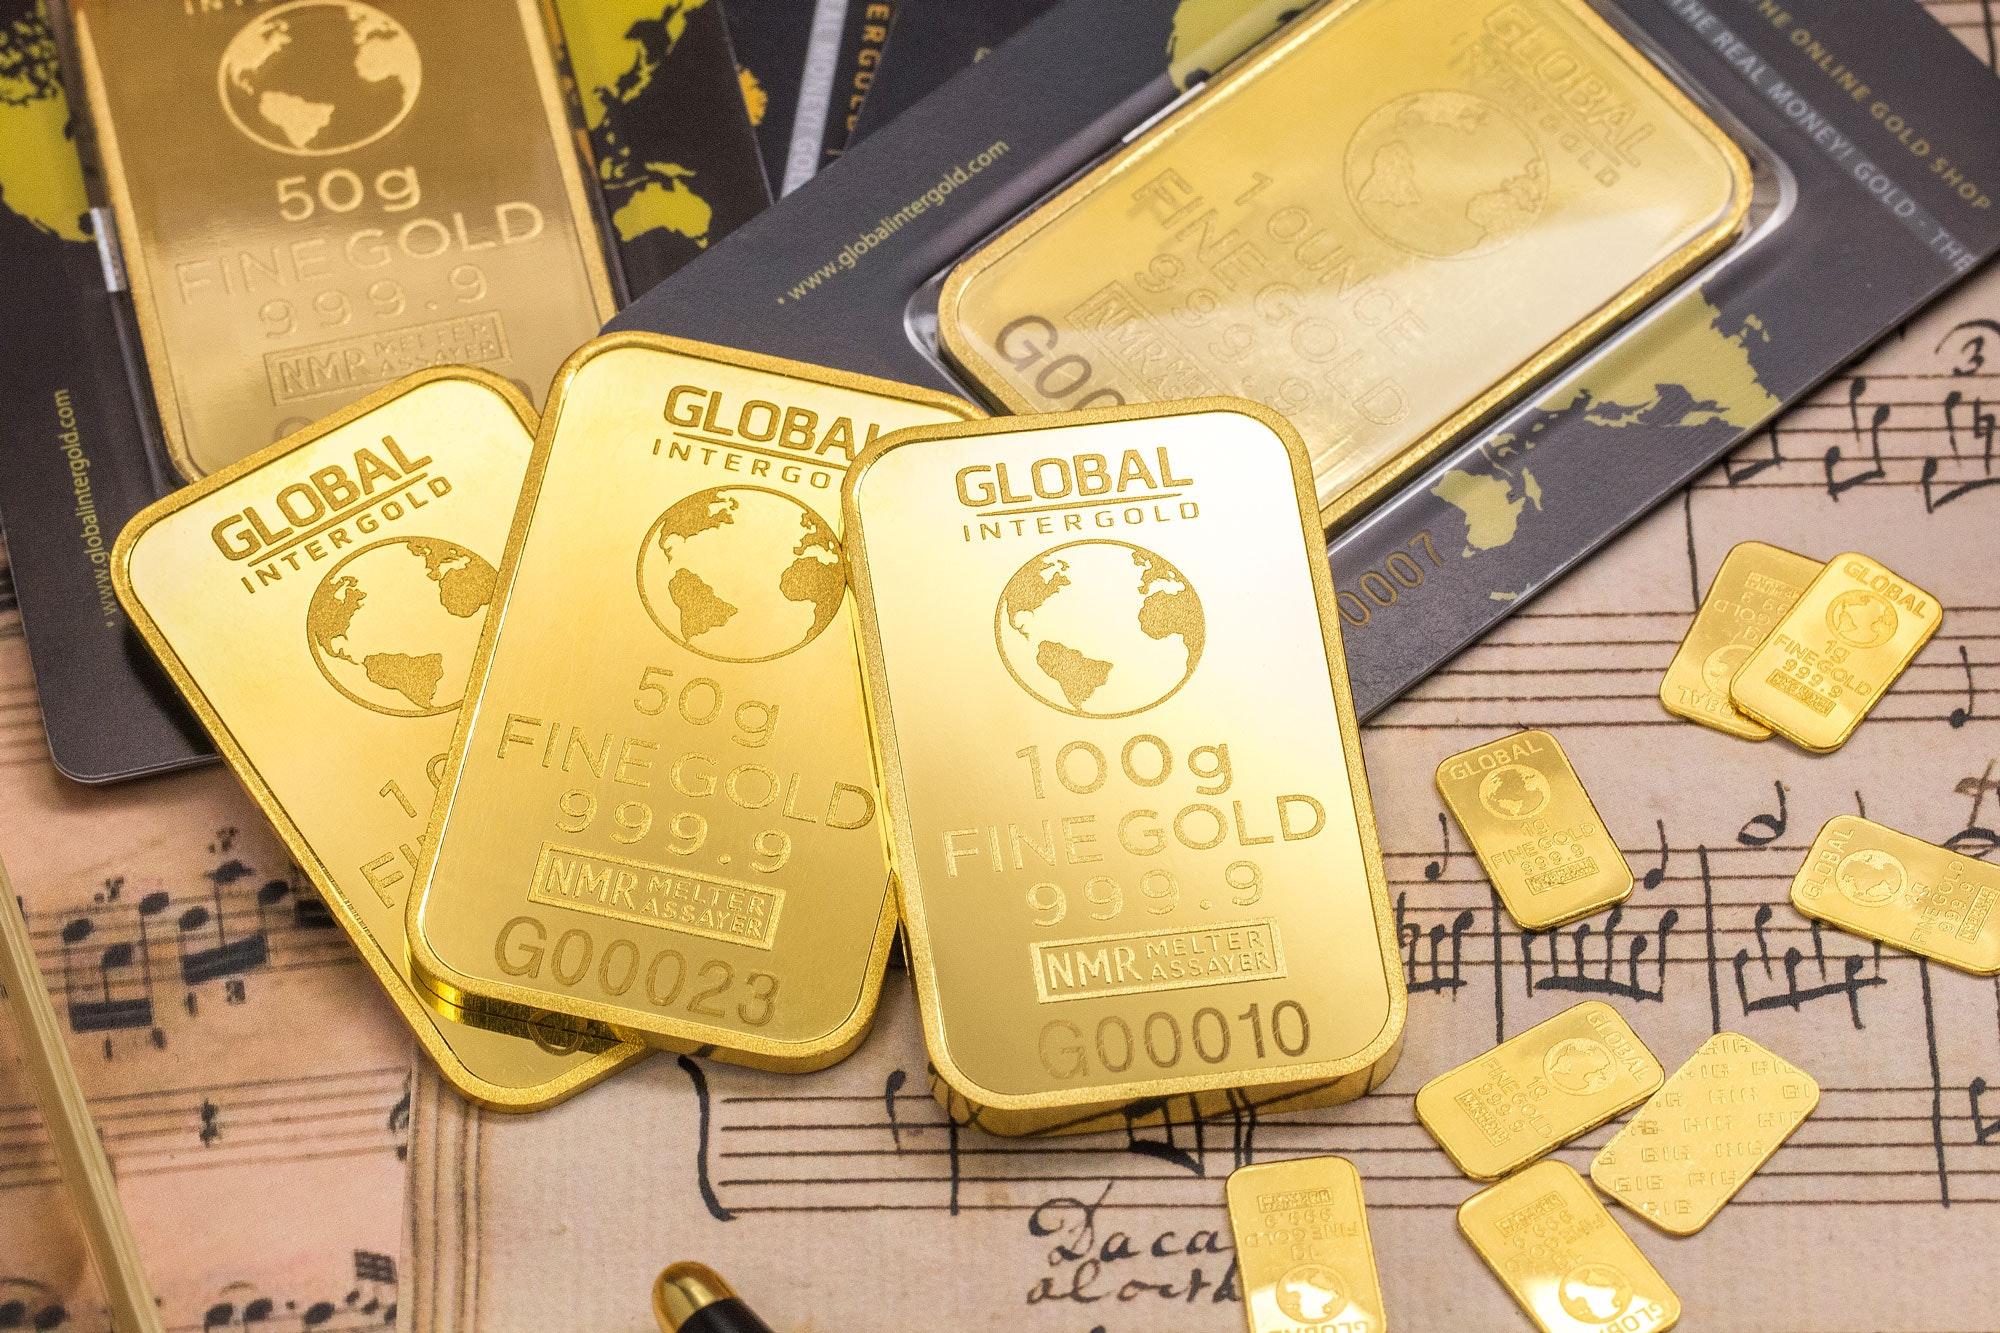 ERPR: Gold bars